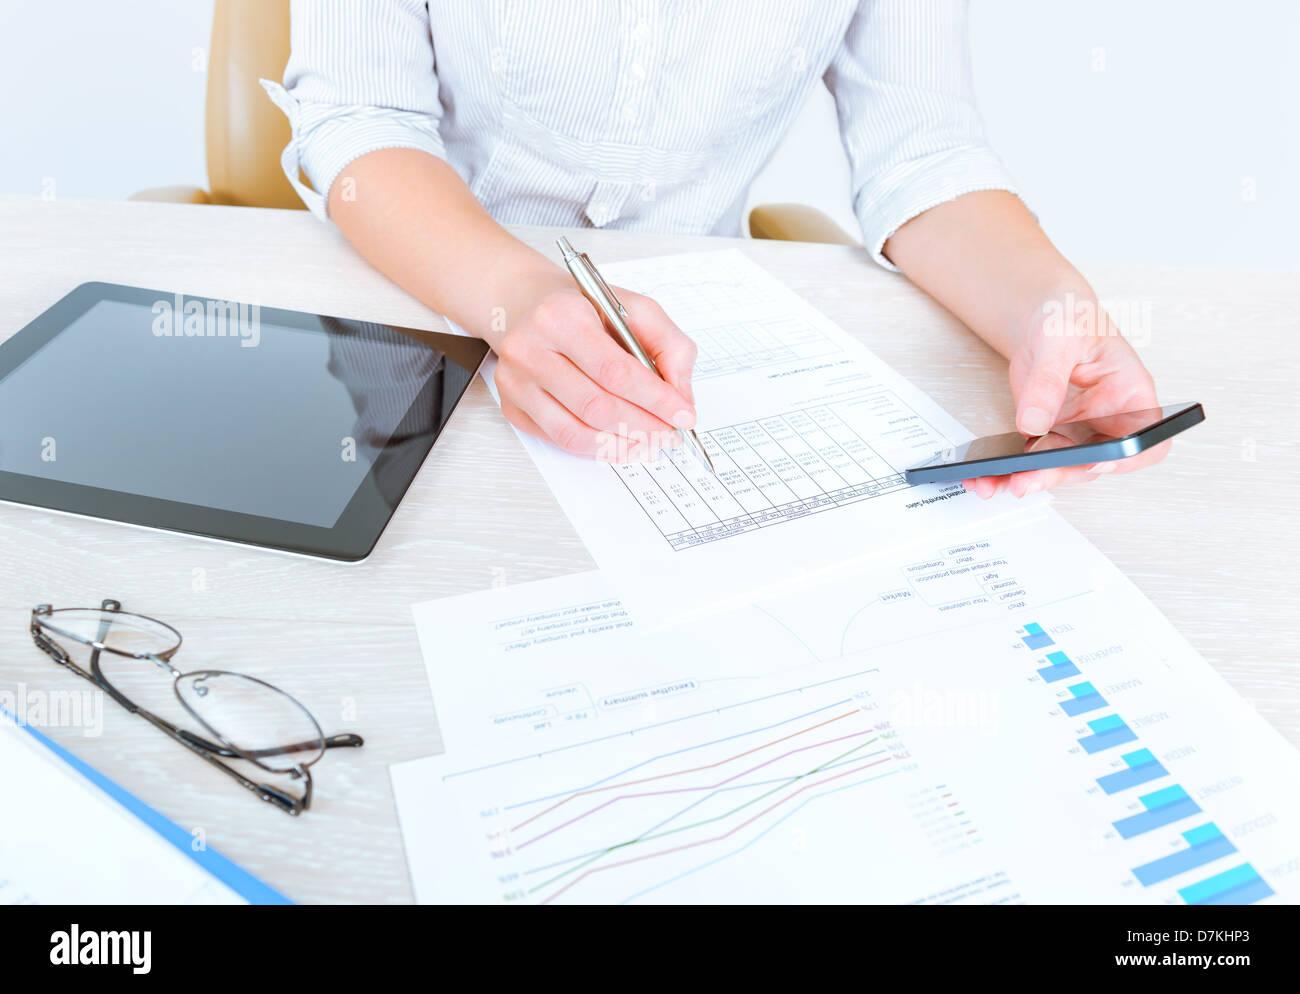 Exitosa empresaria sentados frente al escritorio en ropa casual y utilizando los dispositivos modernos para analizar Foto de stock